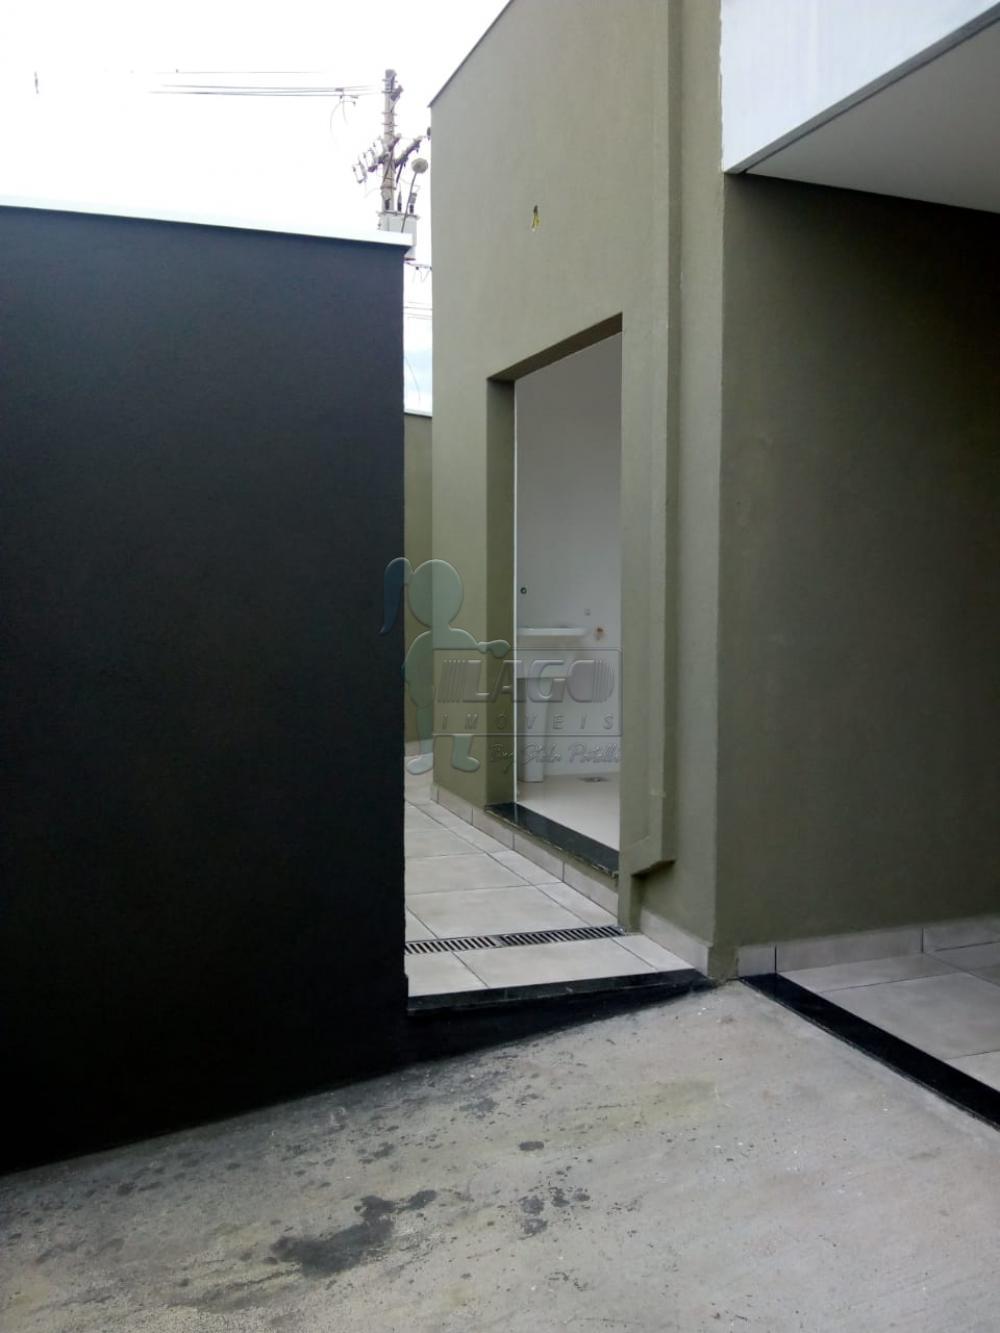 Comprar Casas / Padrão em Bonfim Paulista apenas R$ 369.000,00 - Foto 22